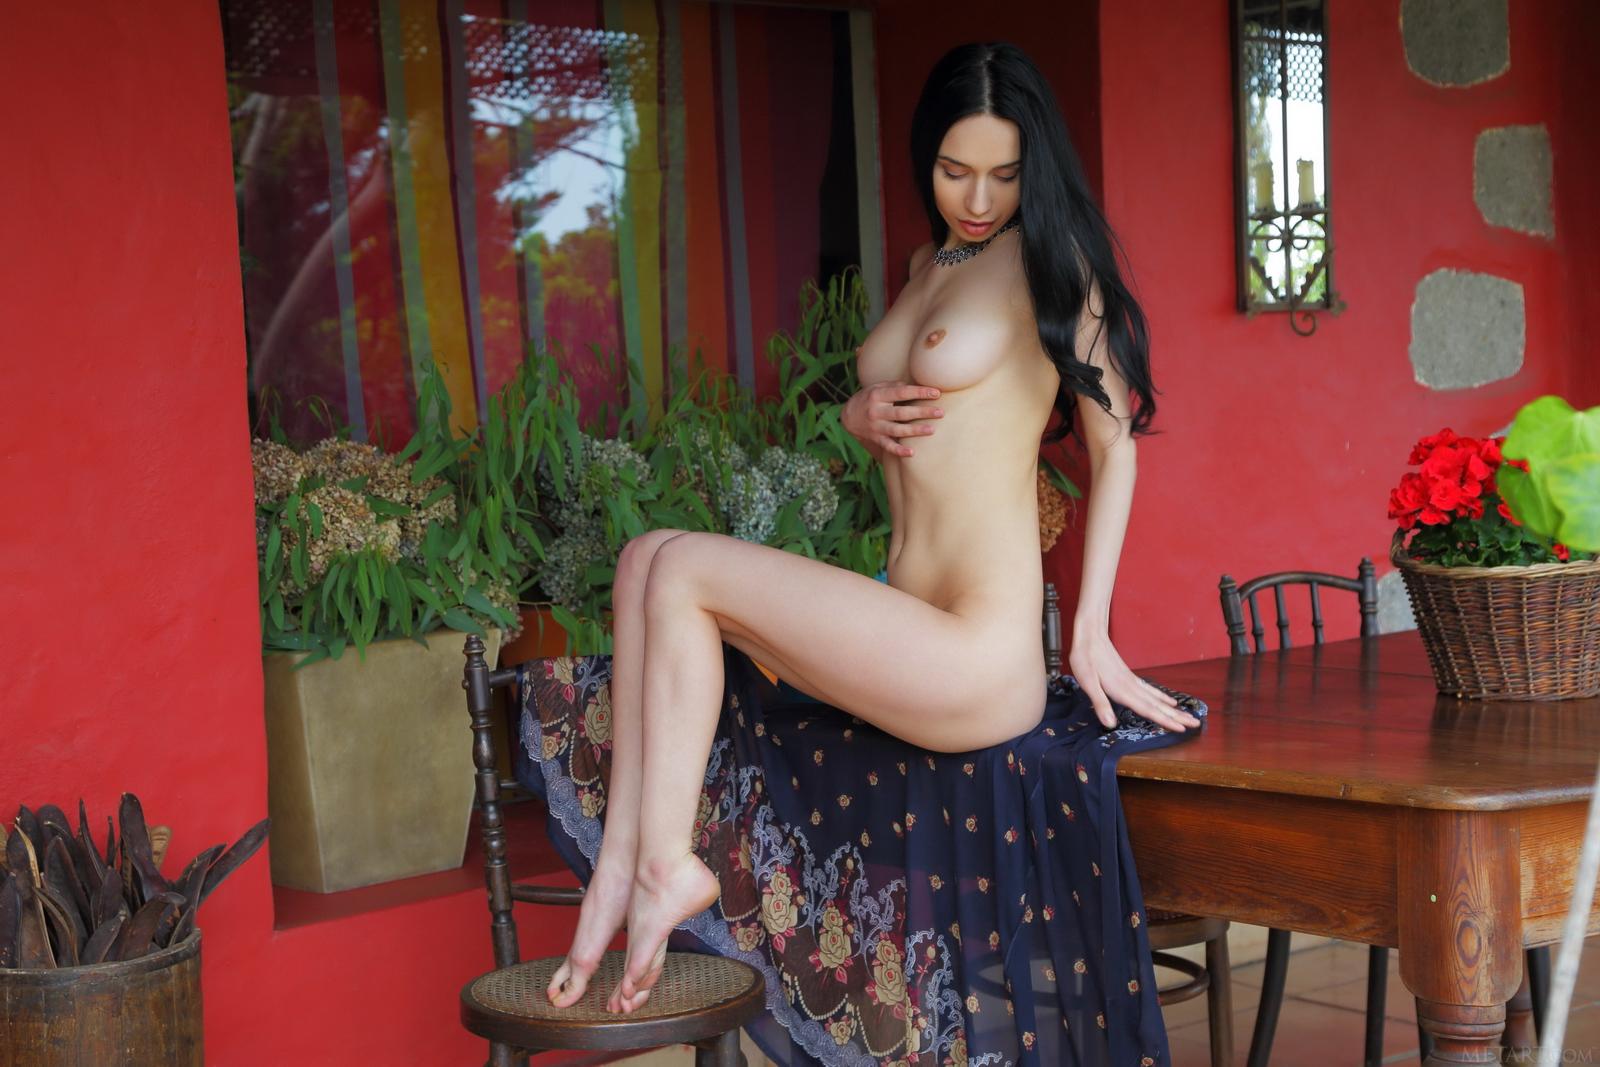 dita-v-peignoir-boobs-brunette-nude-metart-06